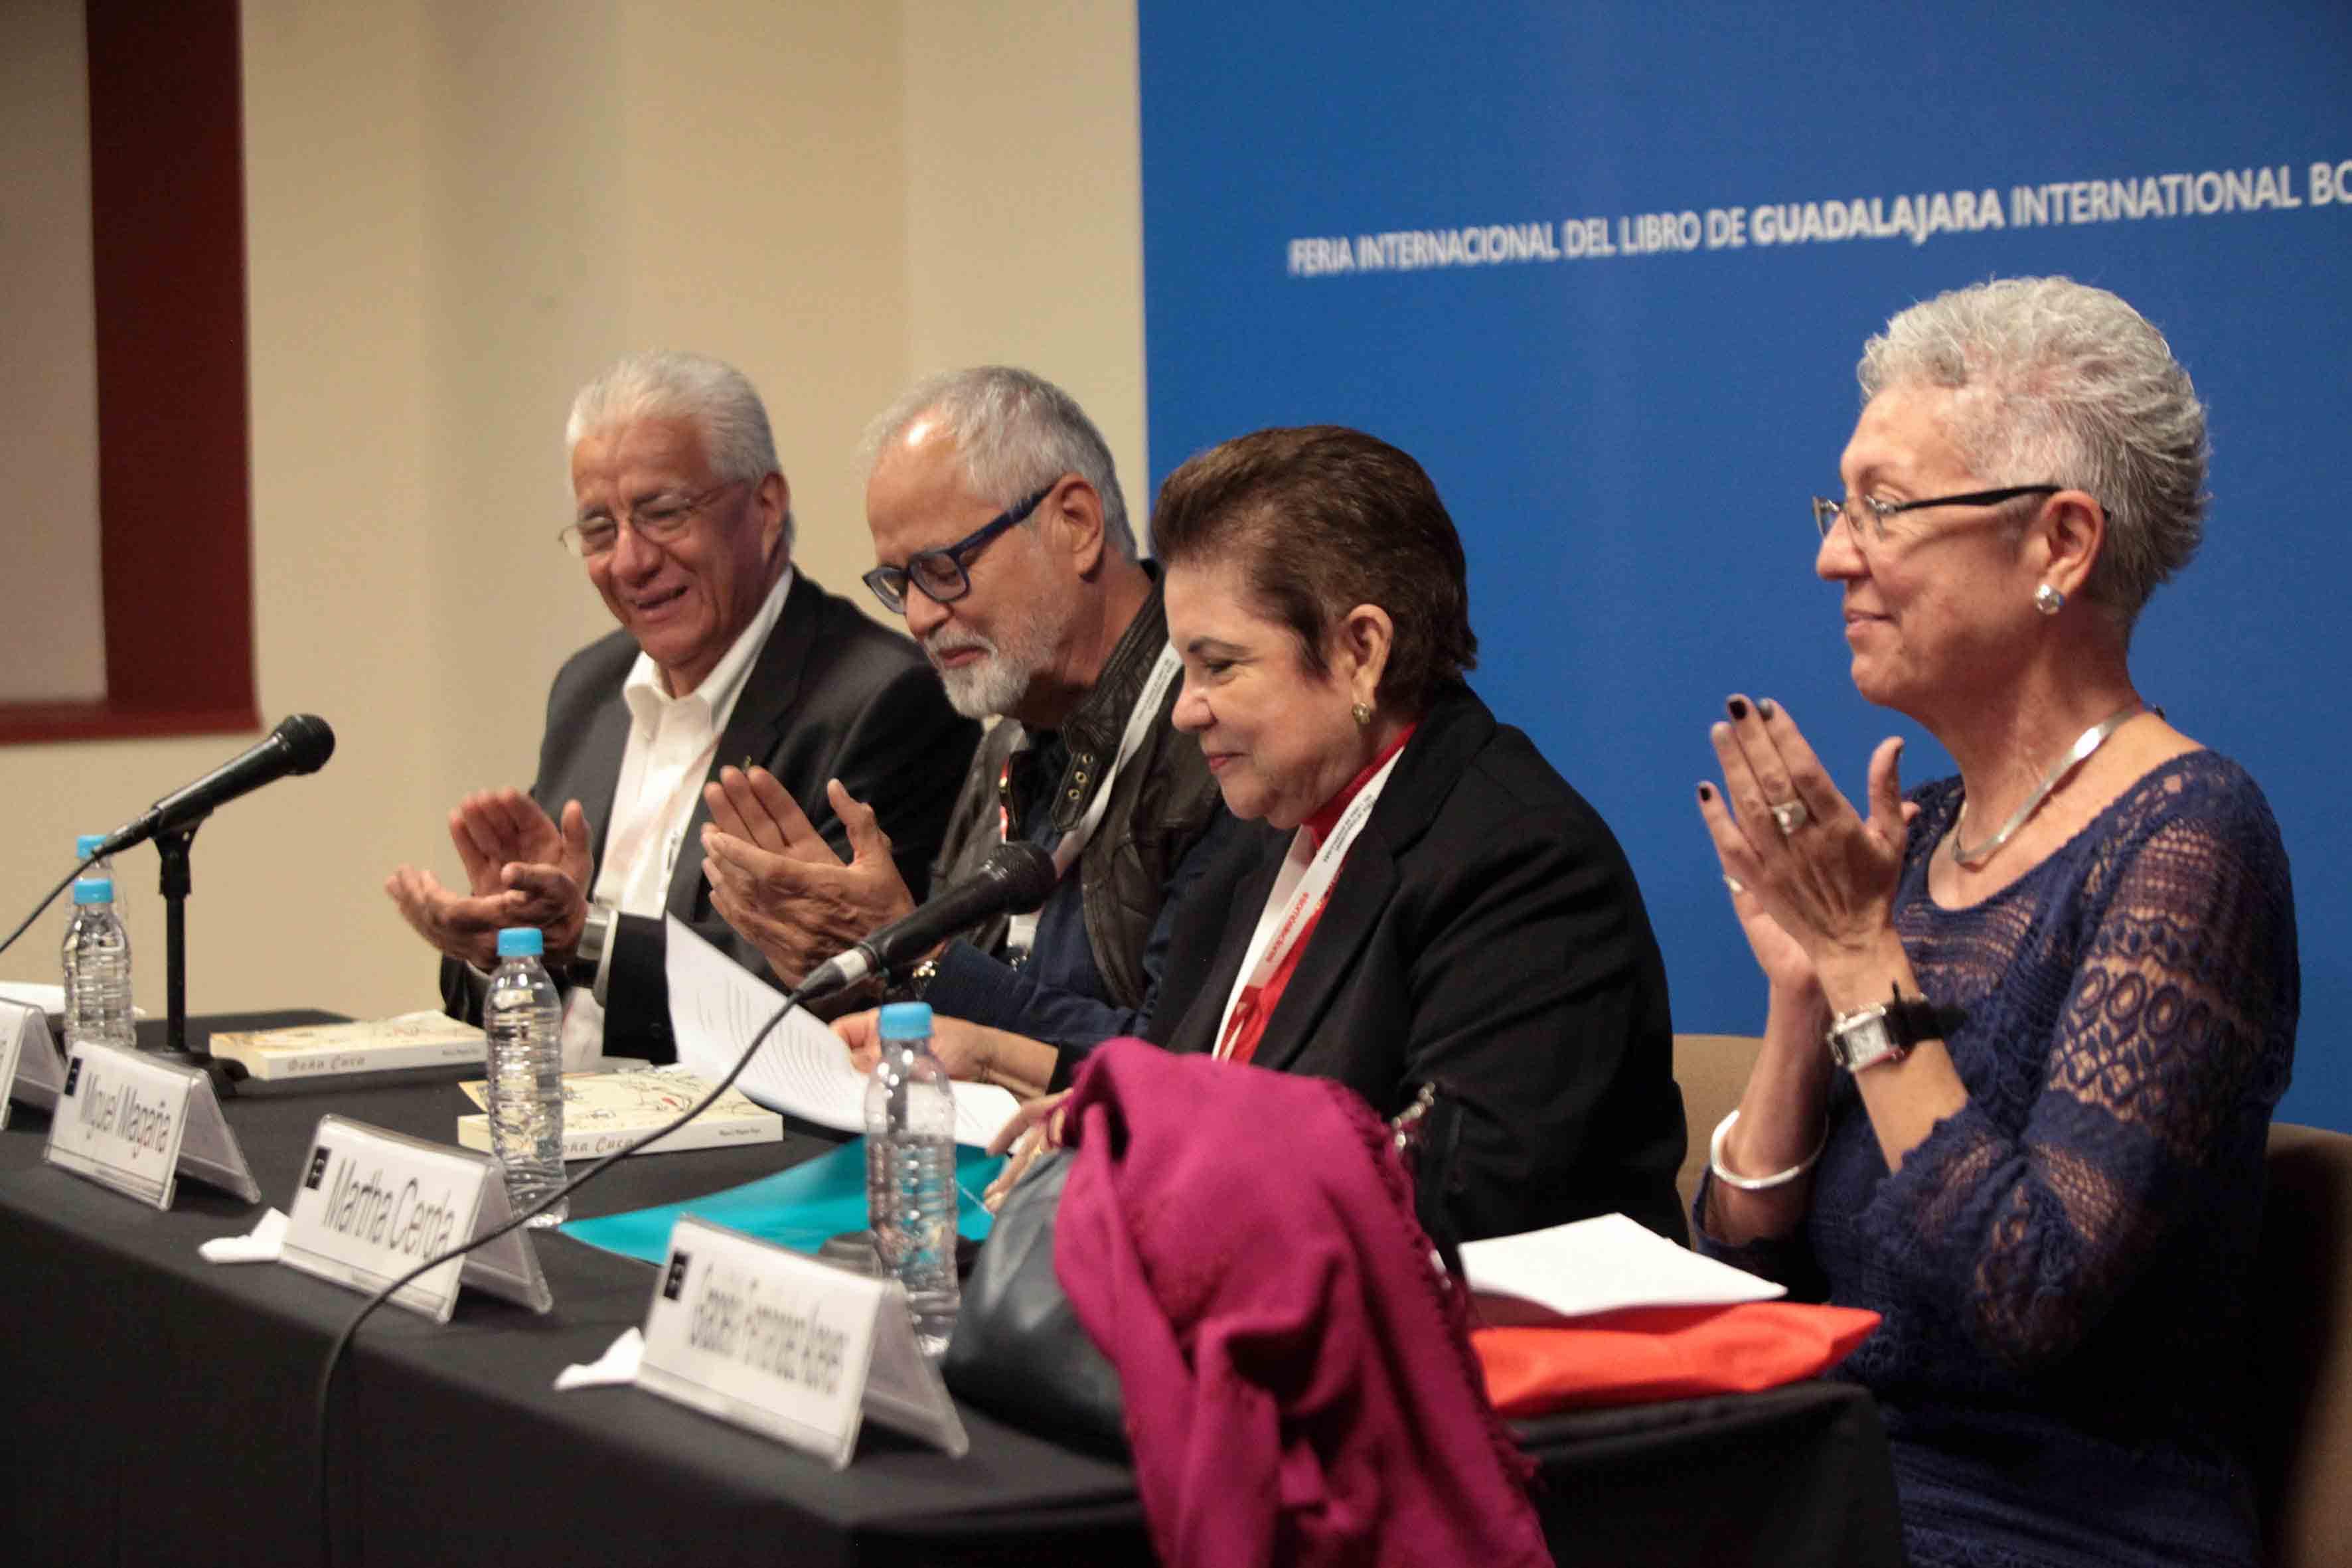 Ceremonia de presentación de la novela titulada Doña Cuca, en Feria Internacional del Libro de Guadalajara.